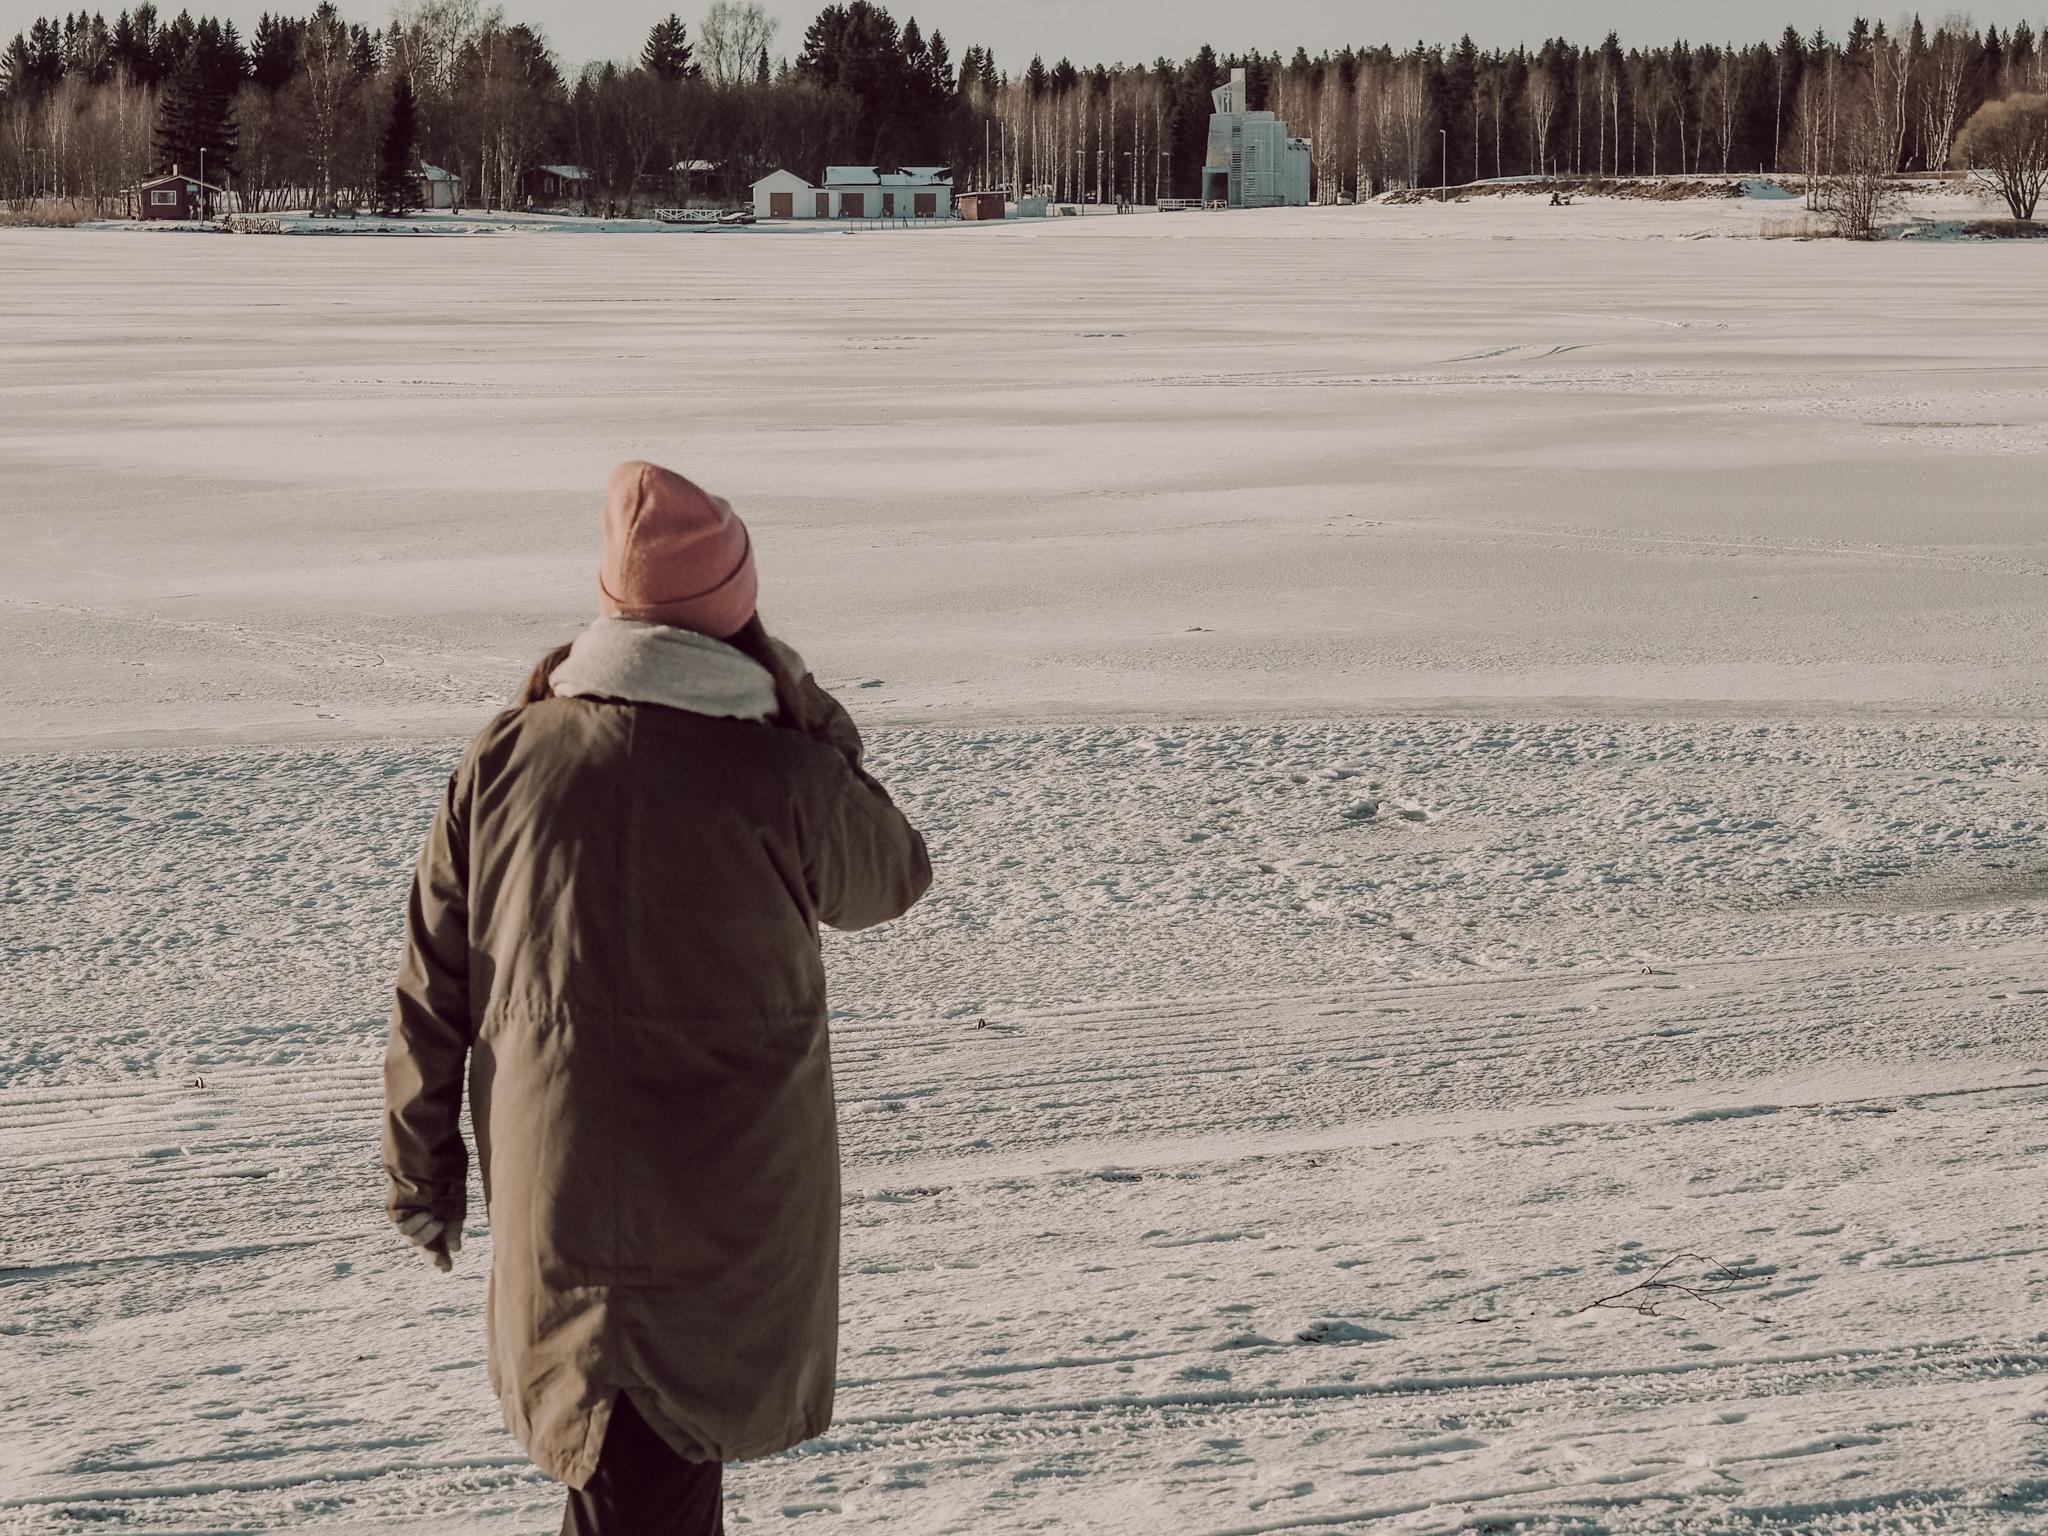 VIIKON PARAS PÄÄTÖS: OTIN AIKAA ITSELLENI